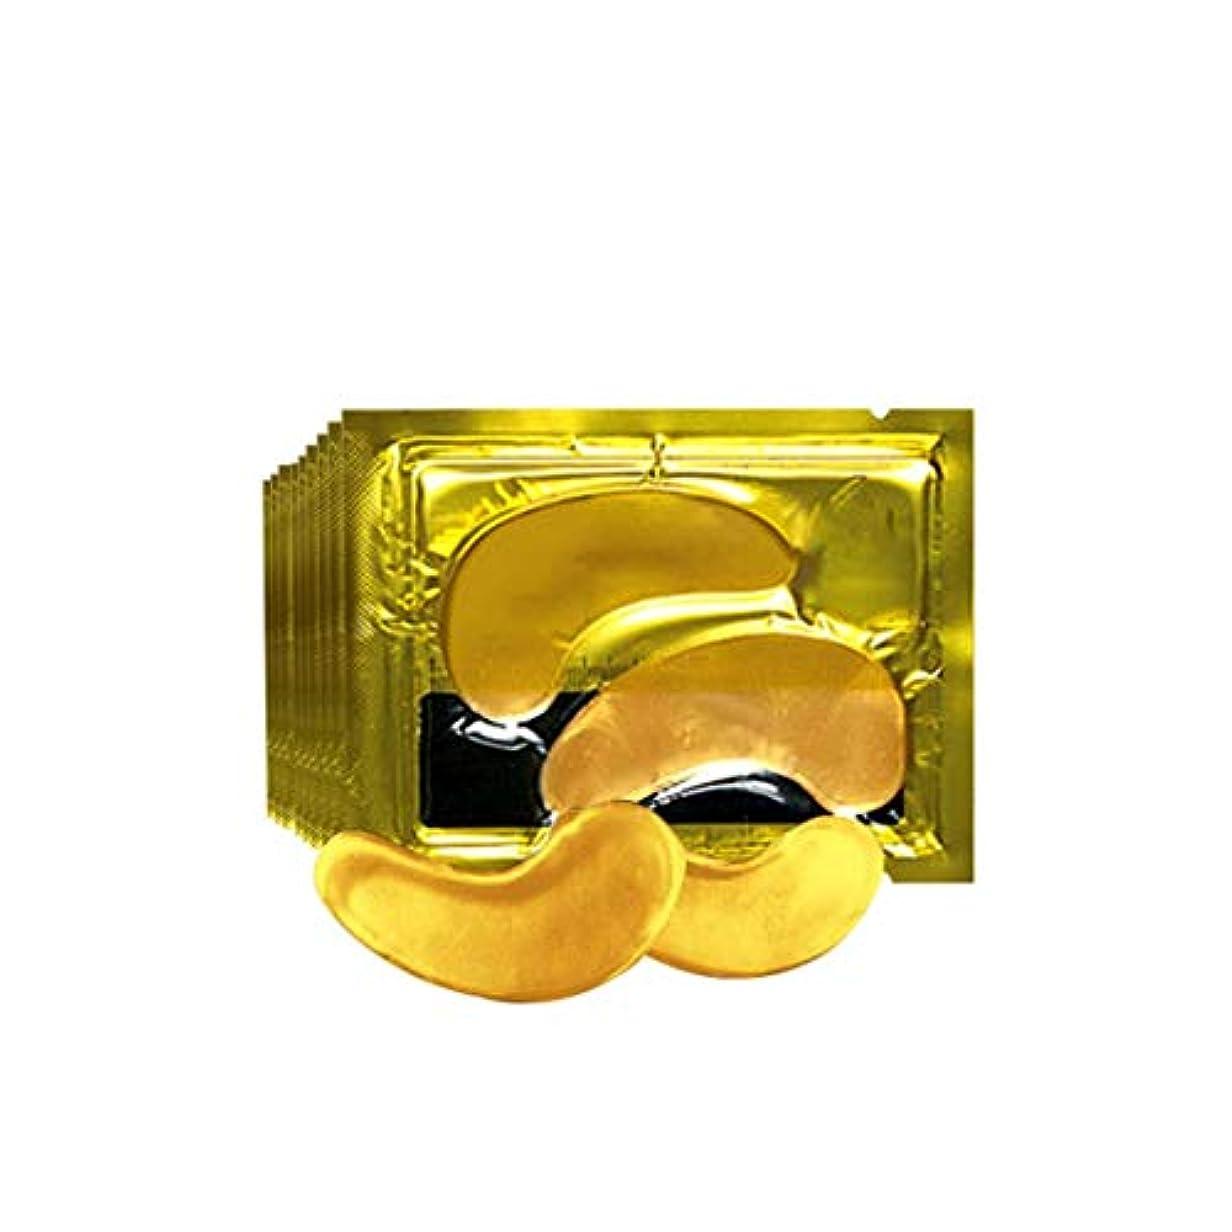 追加石油ステープル24Kアイマスク削除ダークサークルアンチシワ保湿アンチエイジングアンチパフアイバッグビューティファーミングアイマスク - イエロー